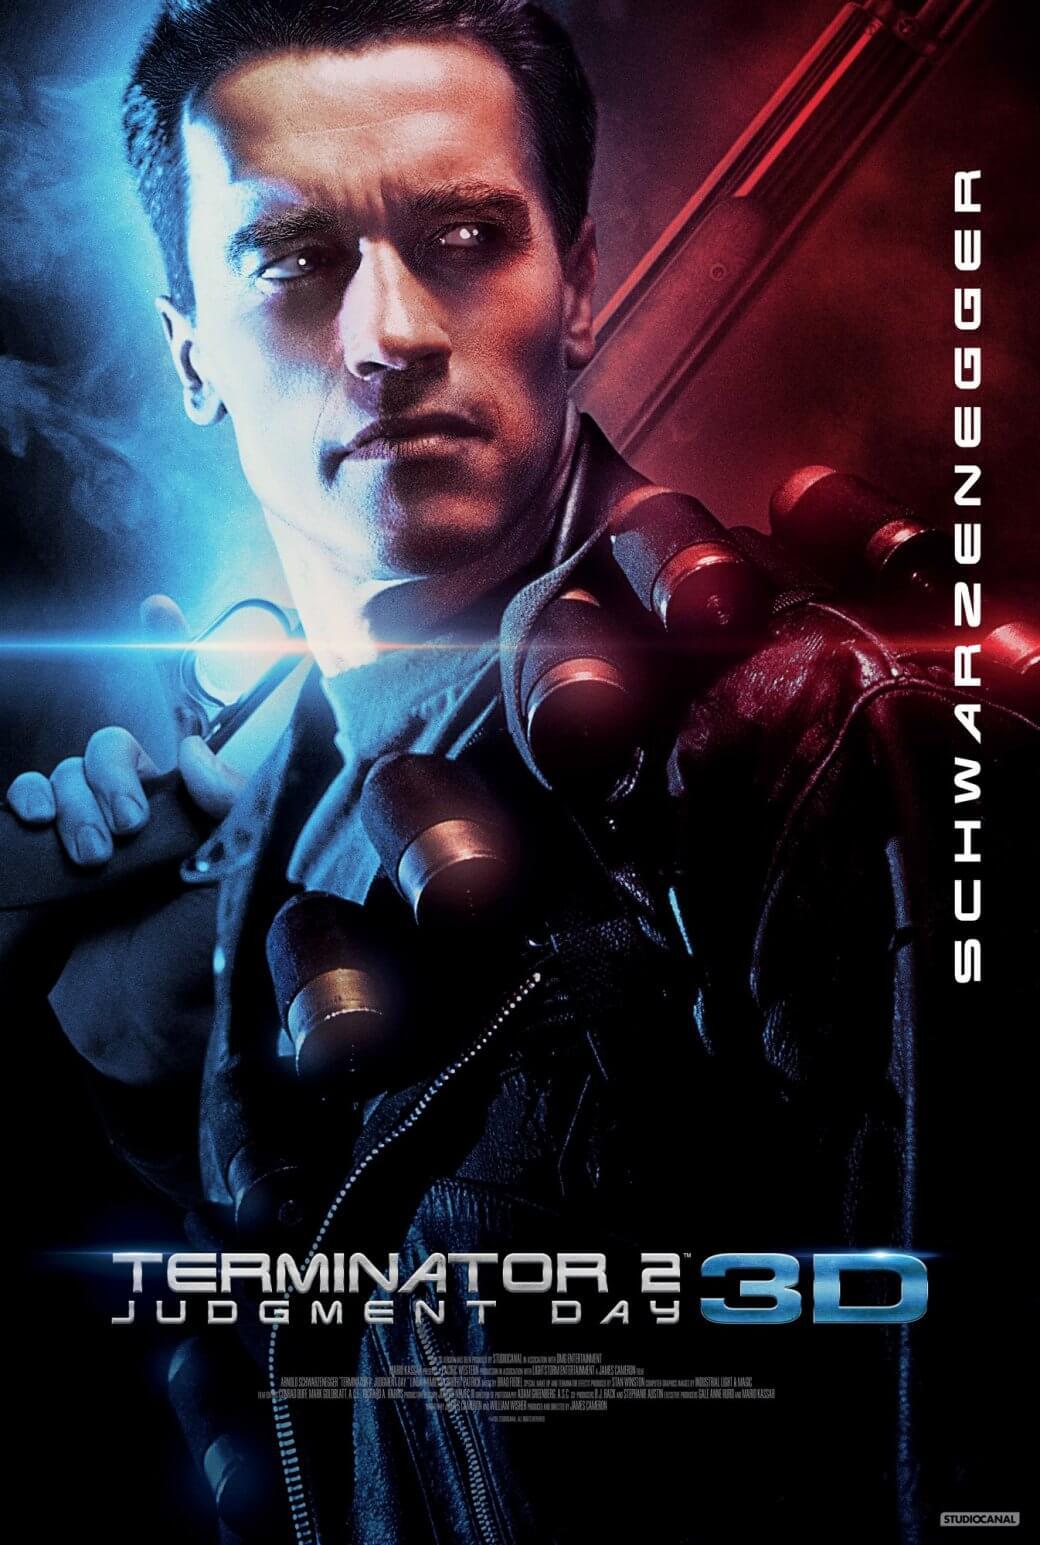 Культовый фильм «Терминатор 2» переиздадут в 3D-формате